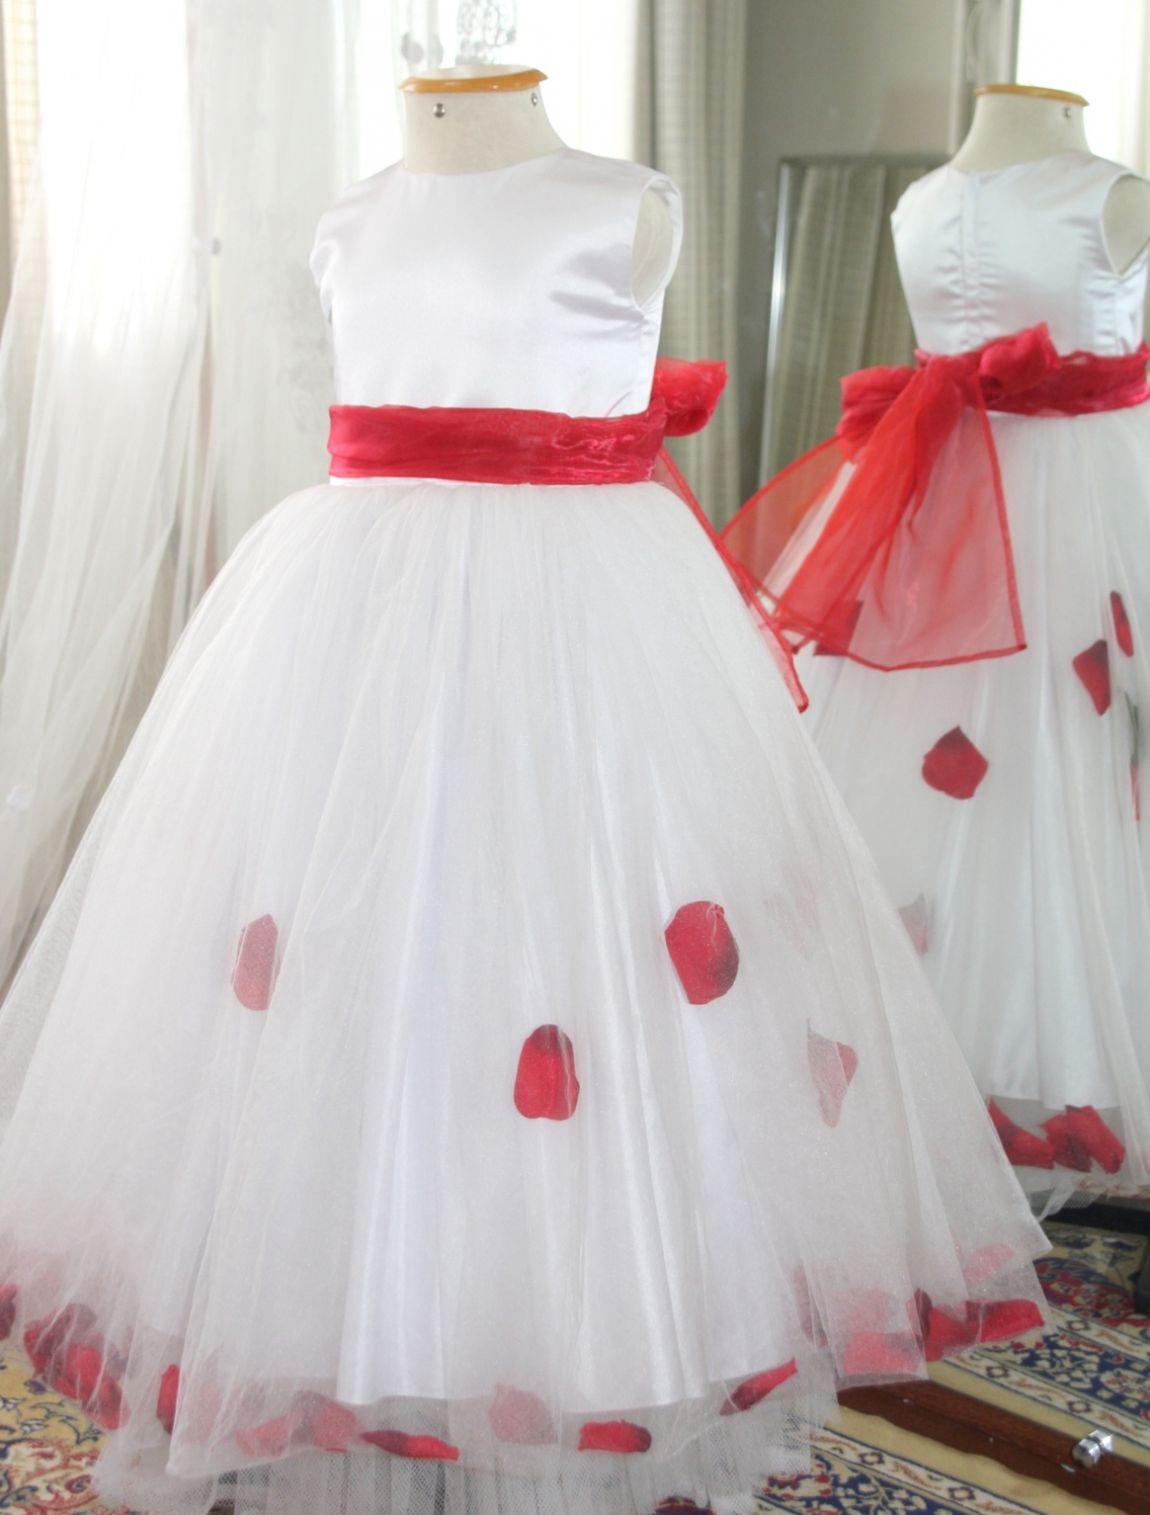 Vestidos para Daminha - 142 - Hipnose Alta Costura e Spa para Noivas e Noivos - Campinas - SP Vestido de Daminha, Vestido para Daminha de Casamento, Hipnose Alta Costura